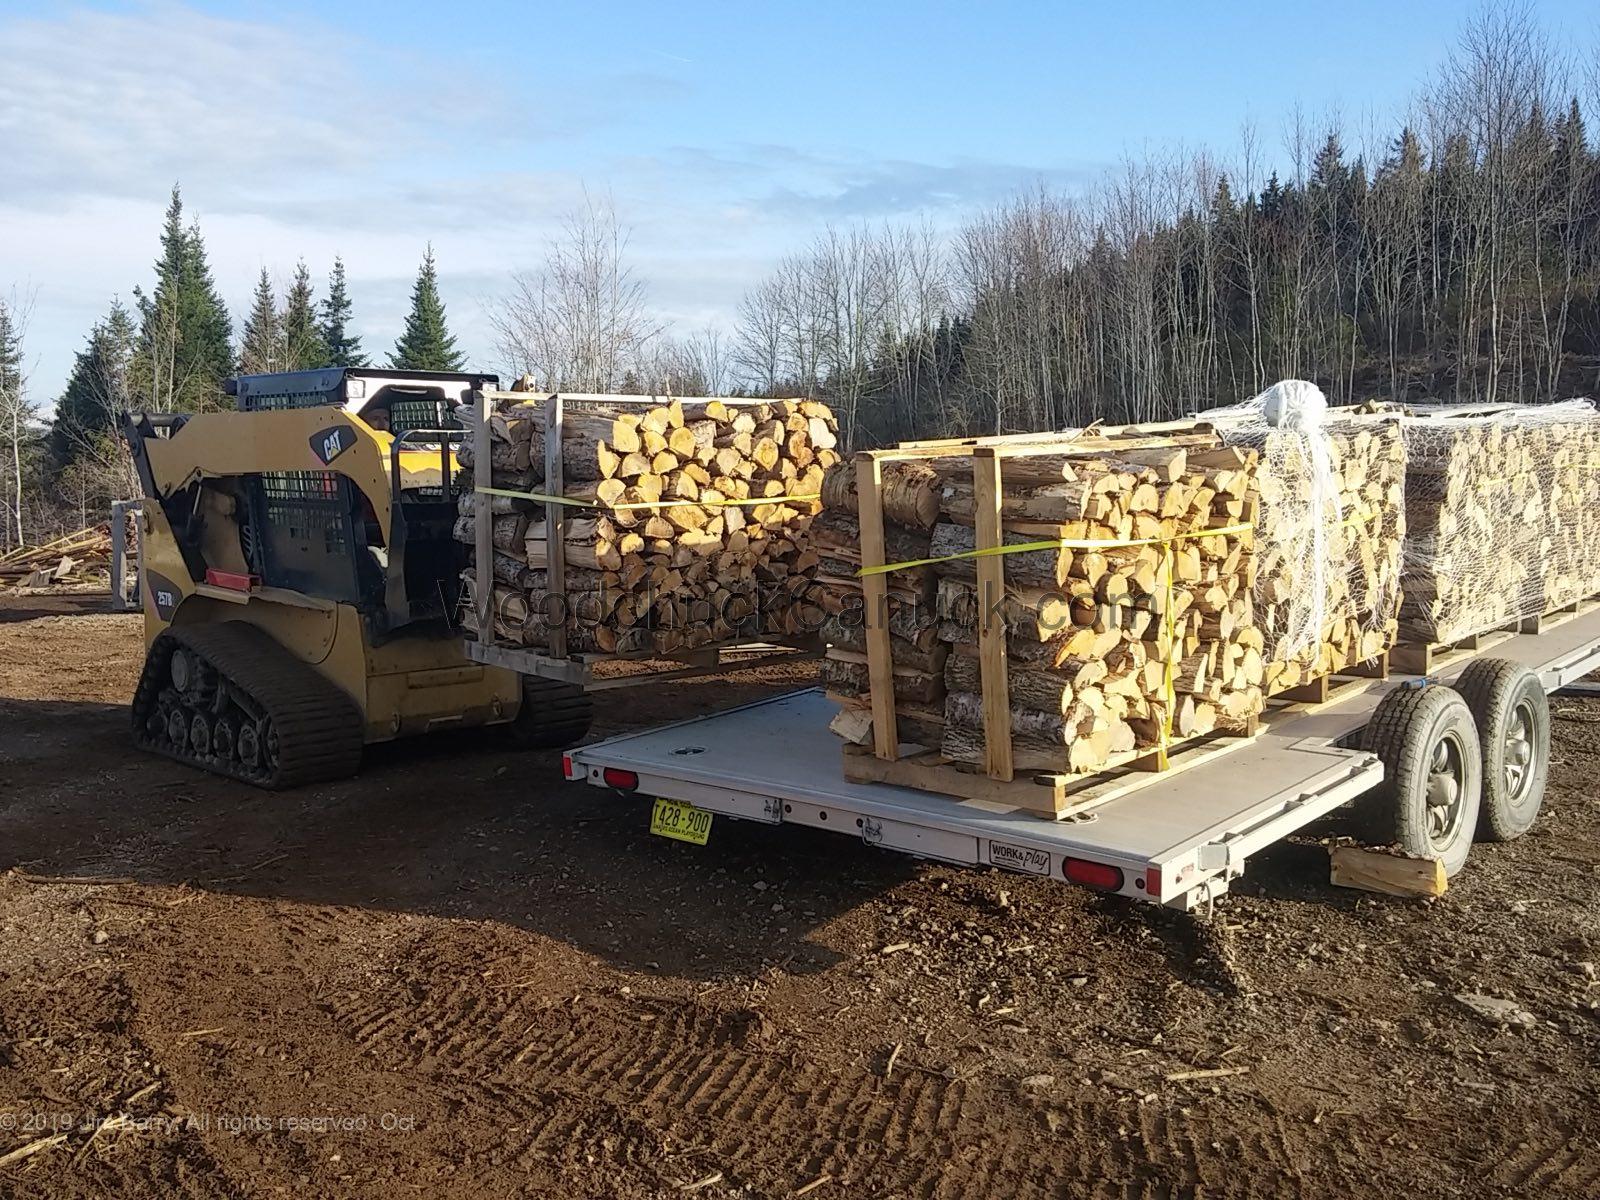 20191025-firewood-skidsteer-baystlawrence-3